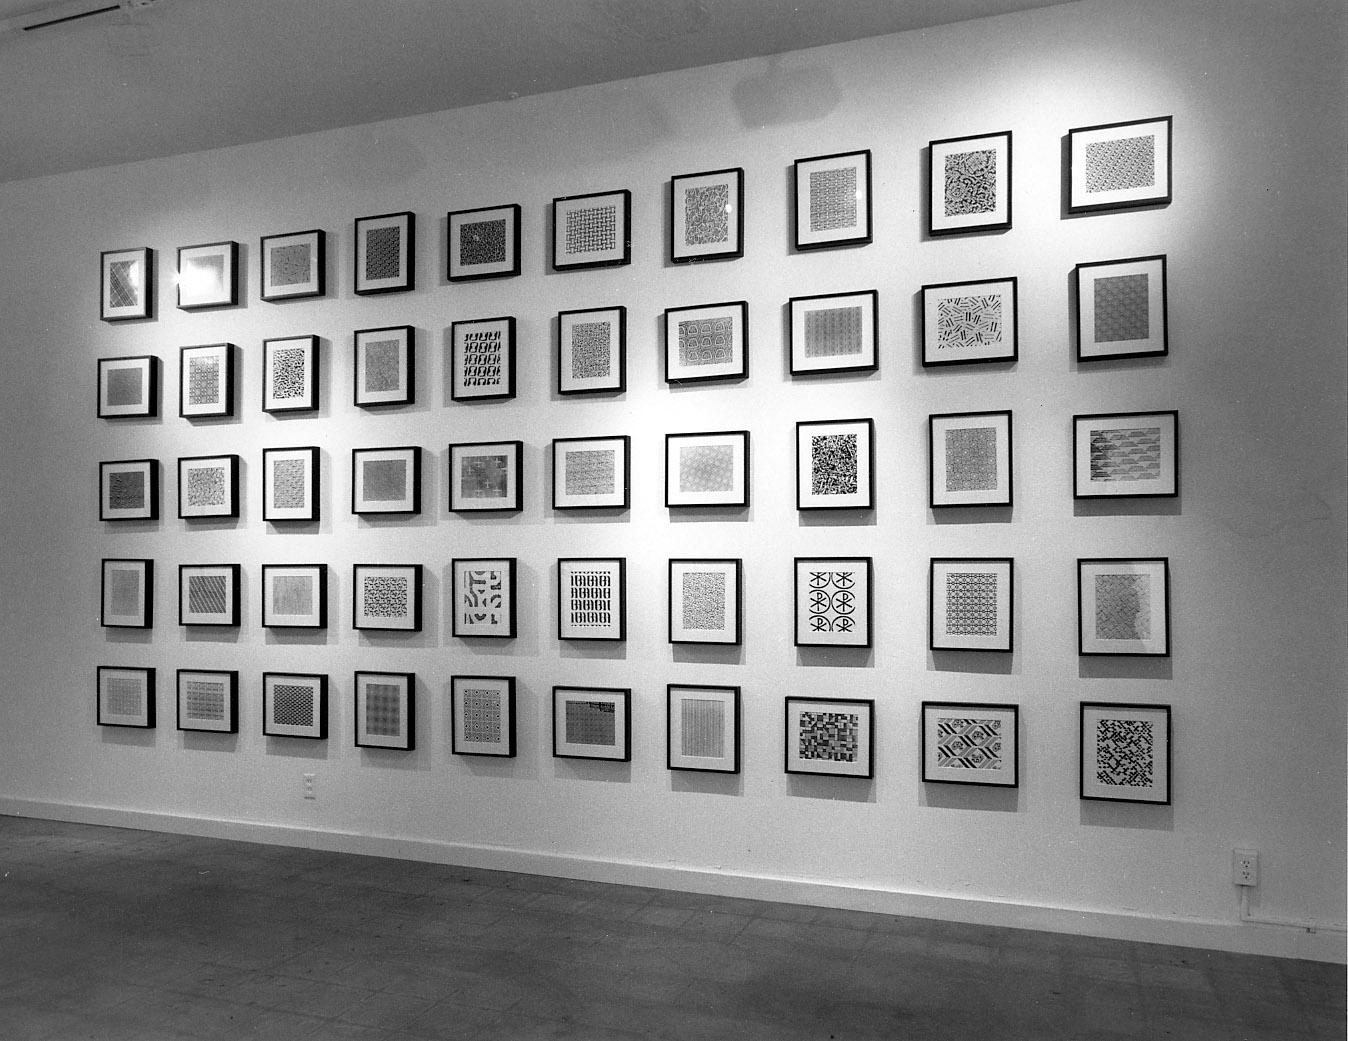 Cindy Bernard, Security Envelope Grid (1-50), Michael Kohn Gallery, May 1988